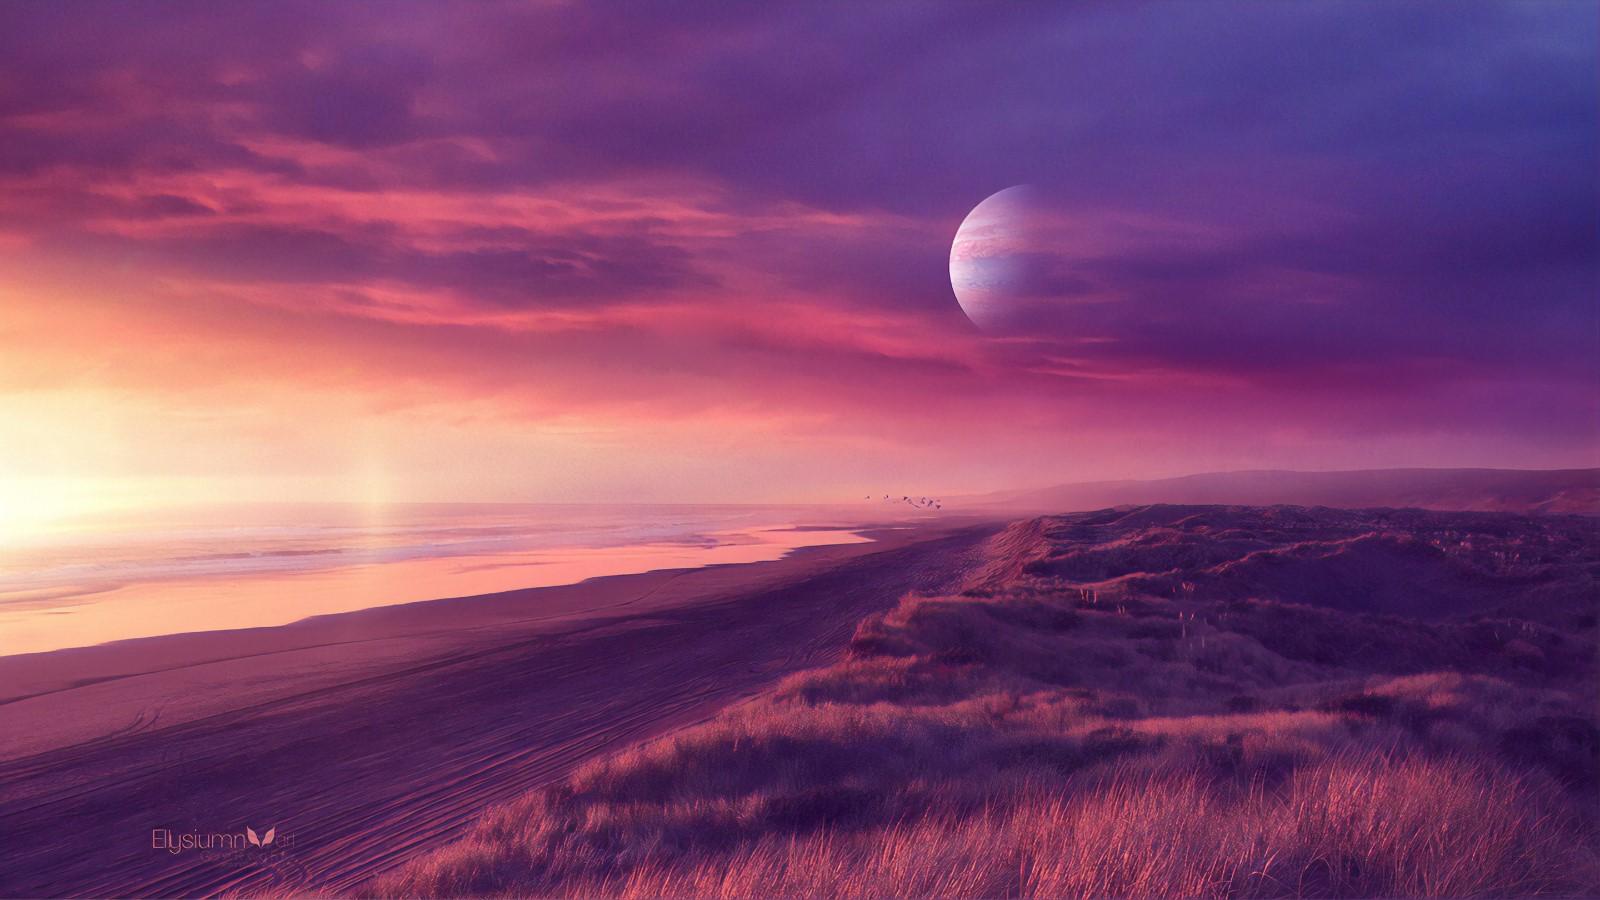 新的一周早安激励语说说配图:总有一道属于你的,明媚阳光